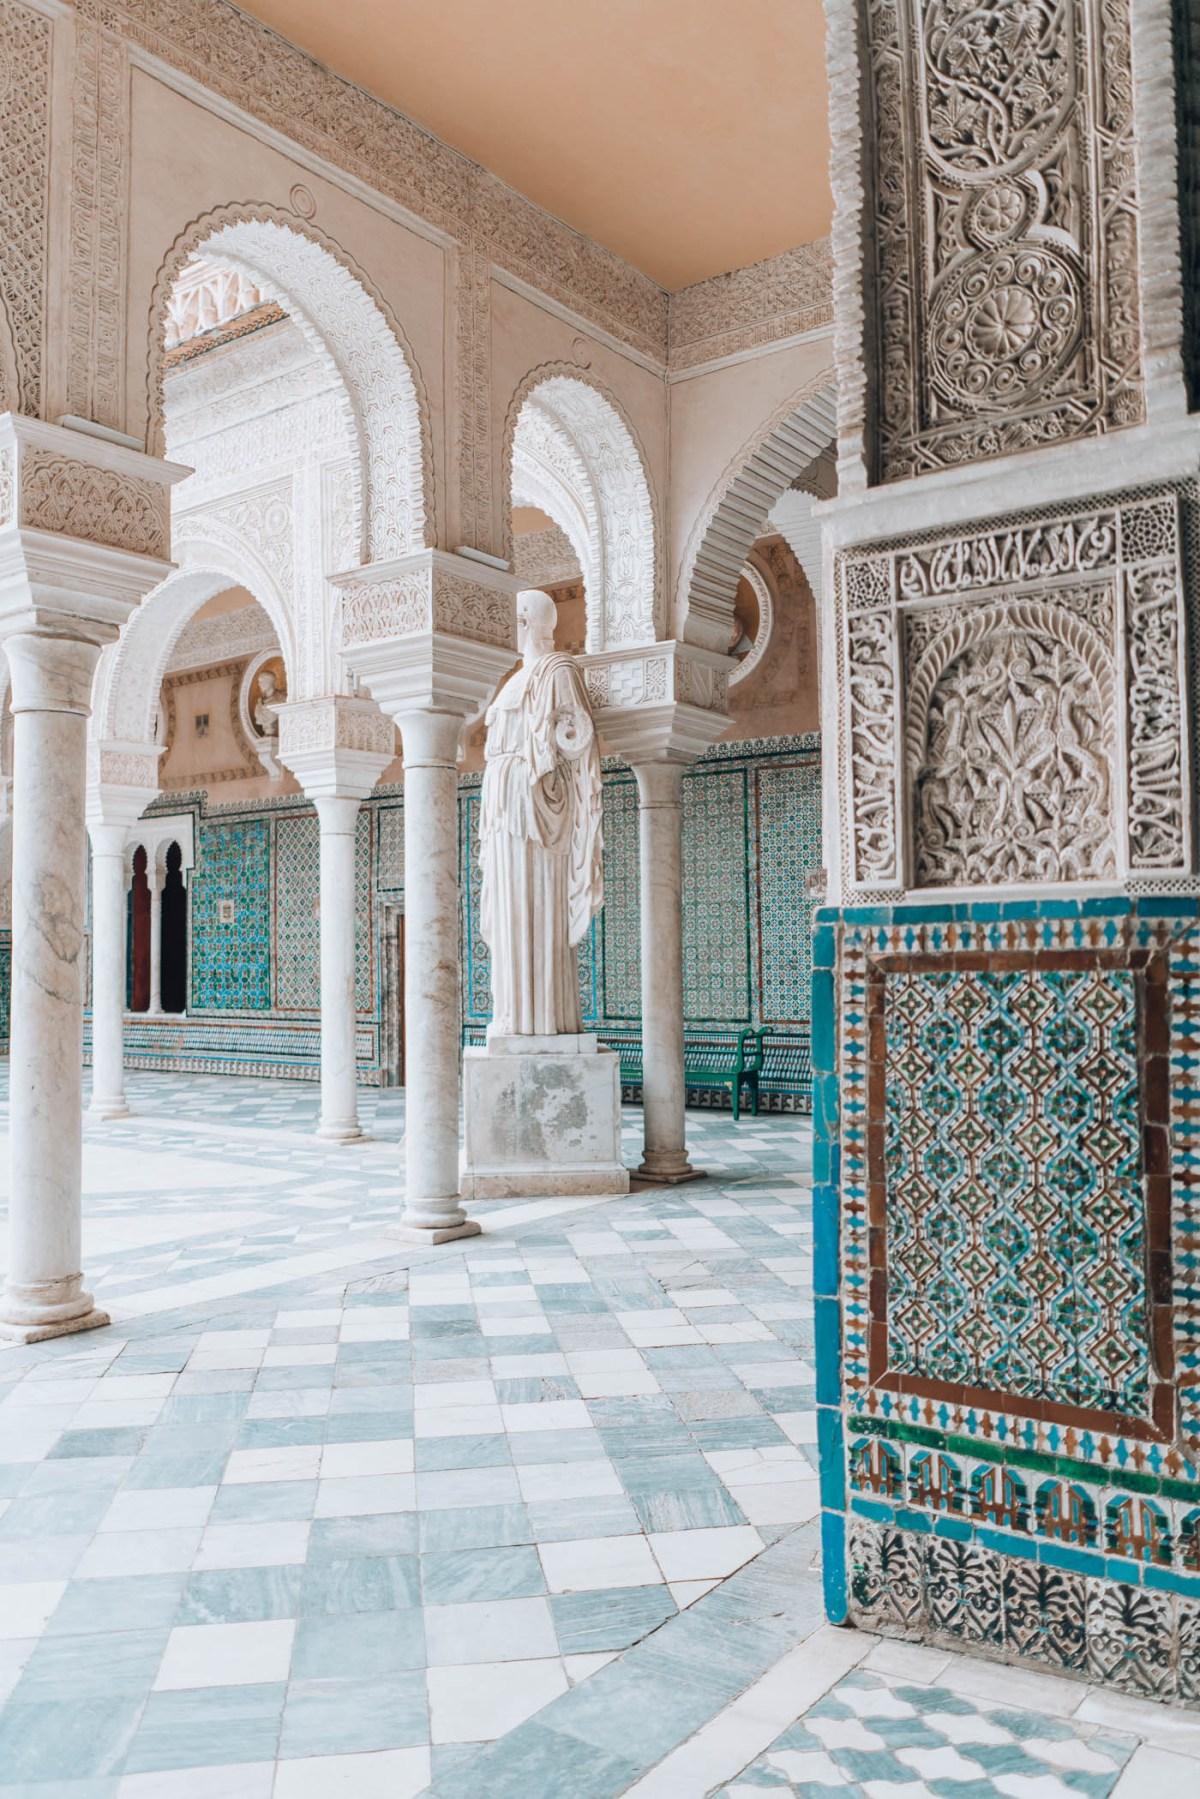 Casa de Pilatos, 48 Hours in Seville, Guide, History in High Heels